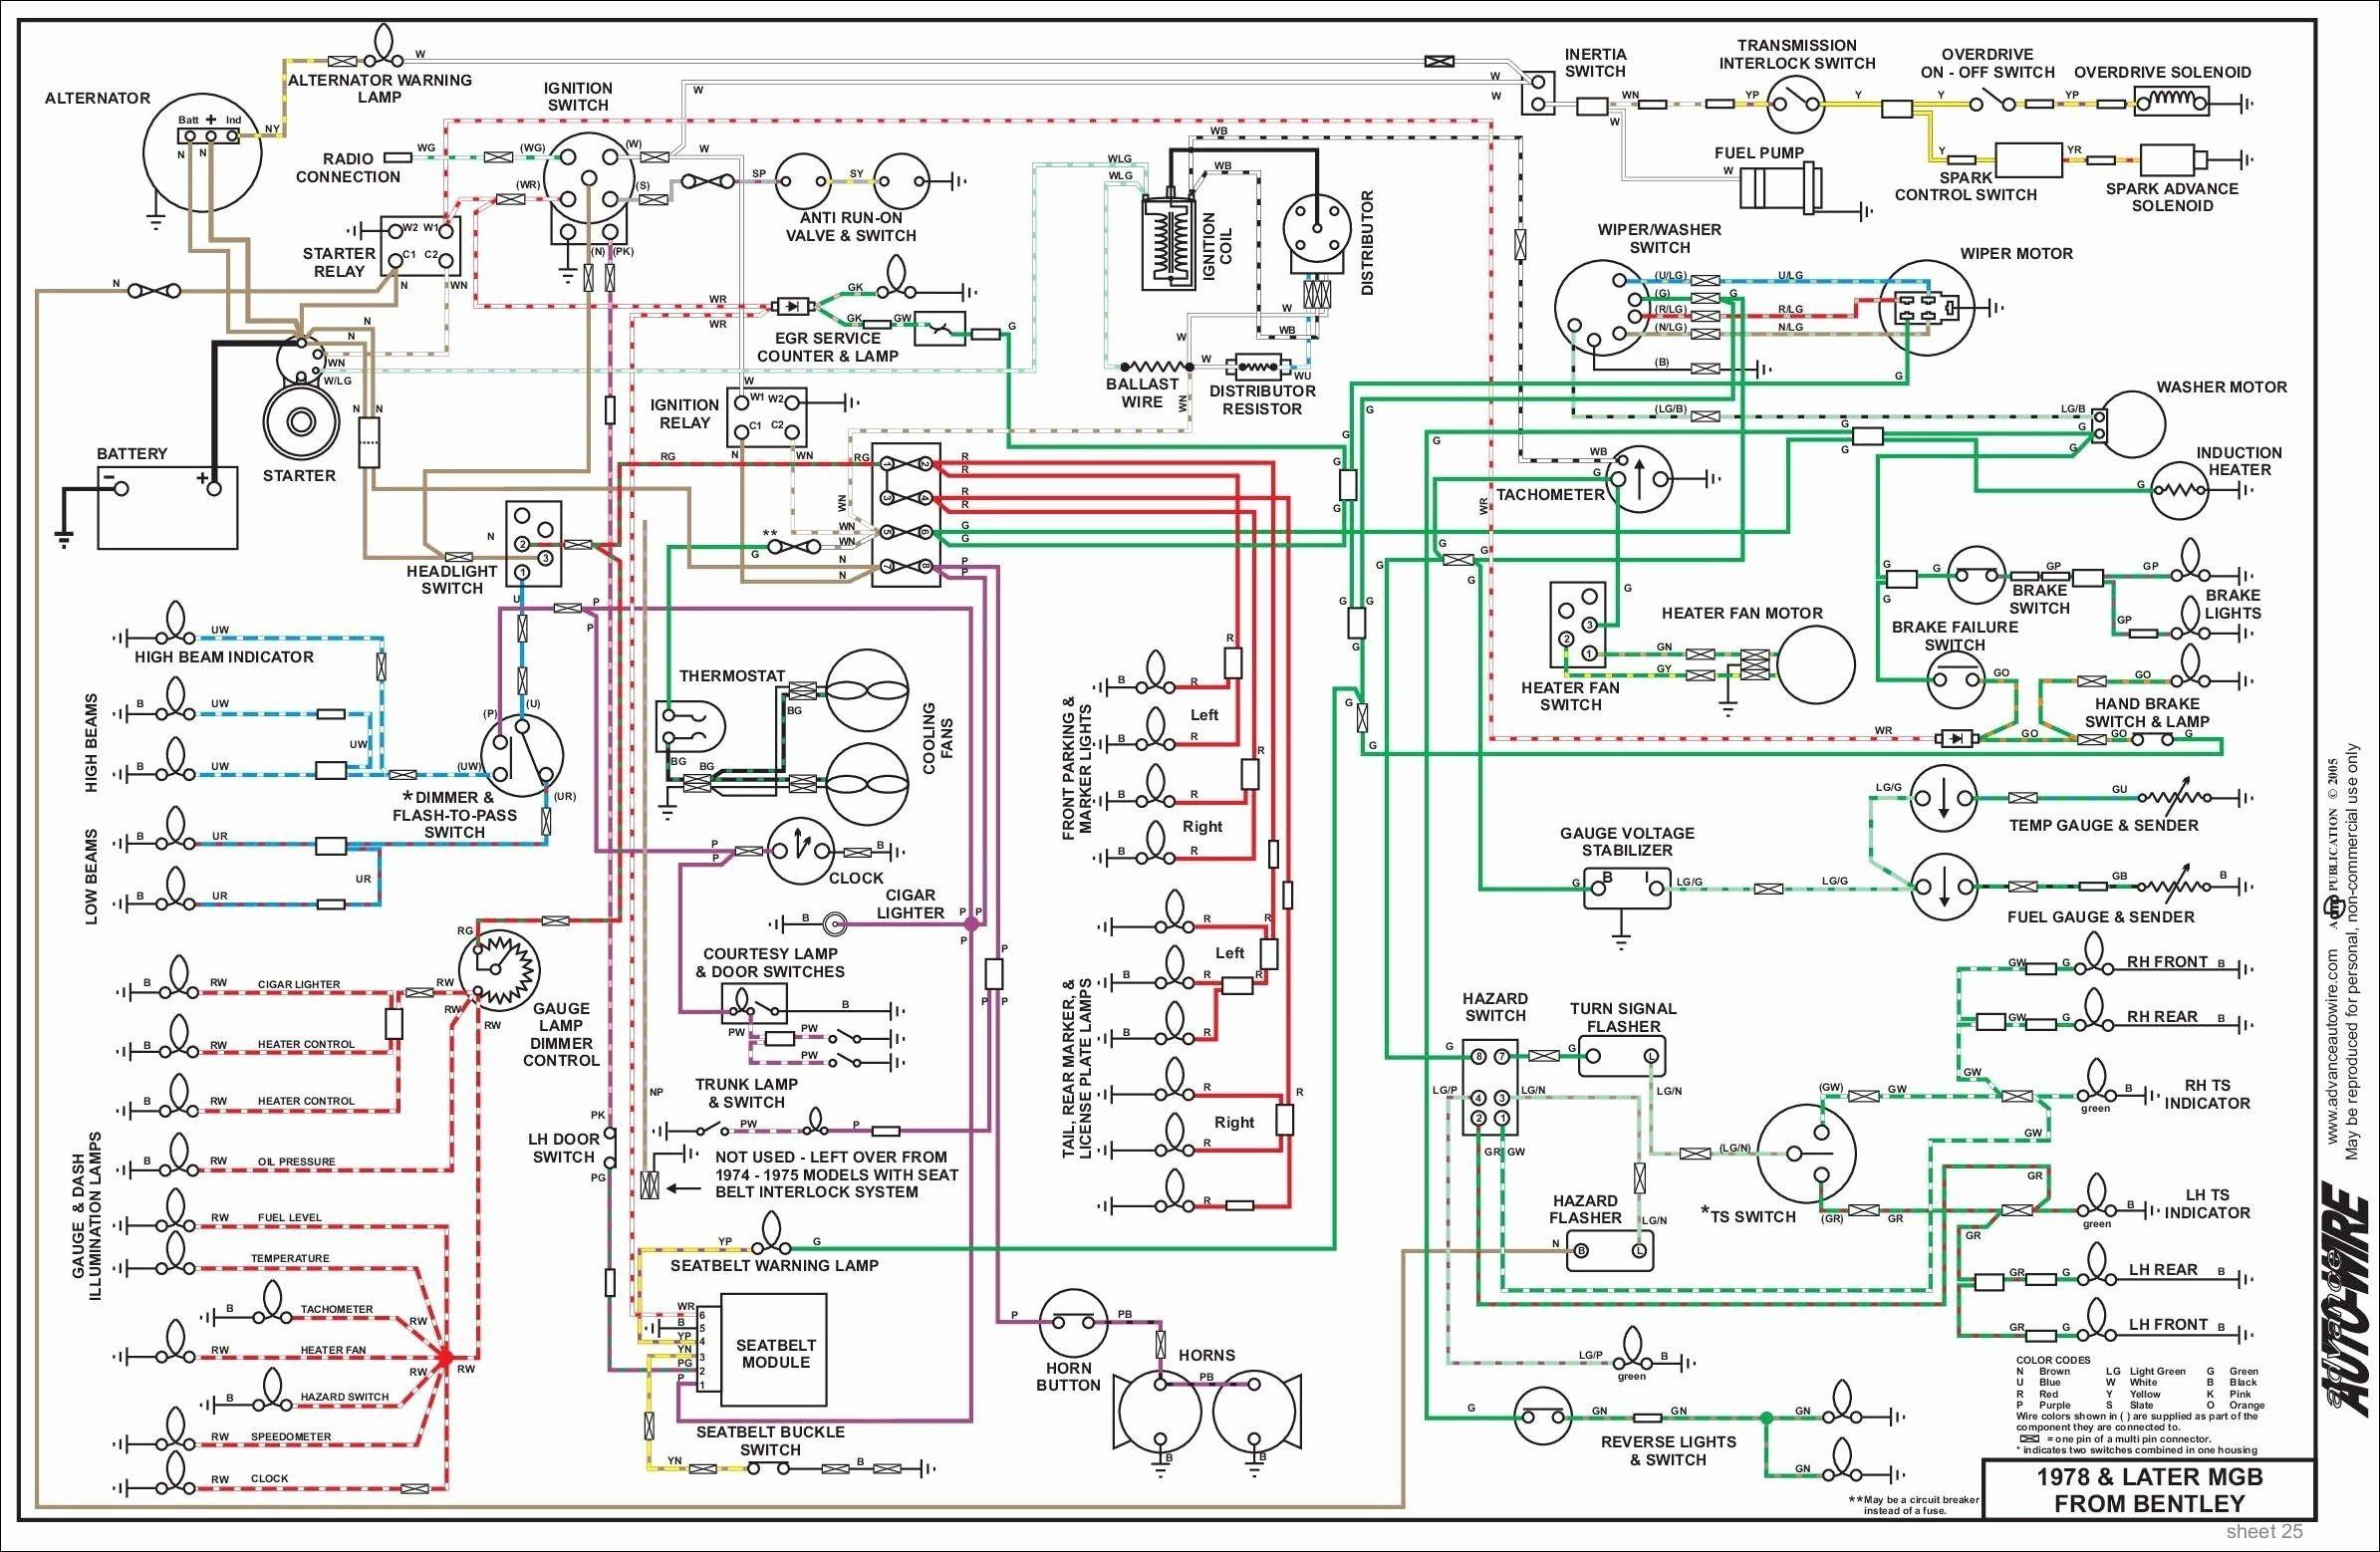 Cherokee Cooling Fan Autozone New Vans Aircraft Wiring Diagram Diagramsample Of Cherokee Cooling Fan Autozone